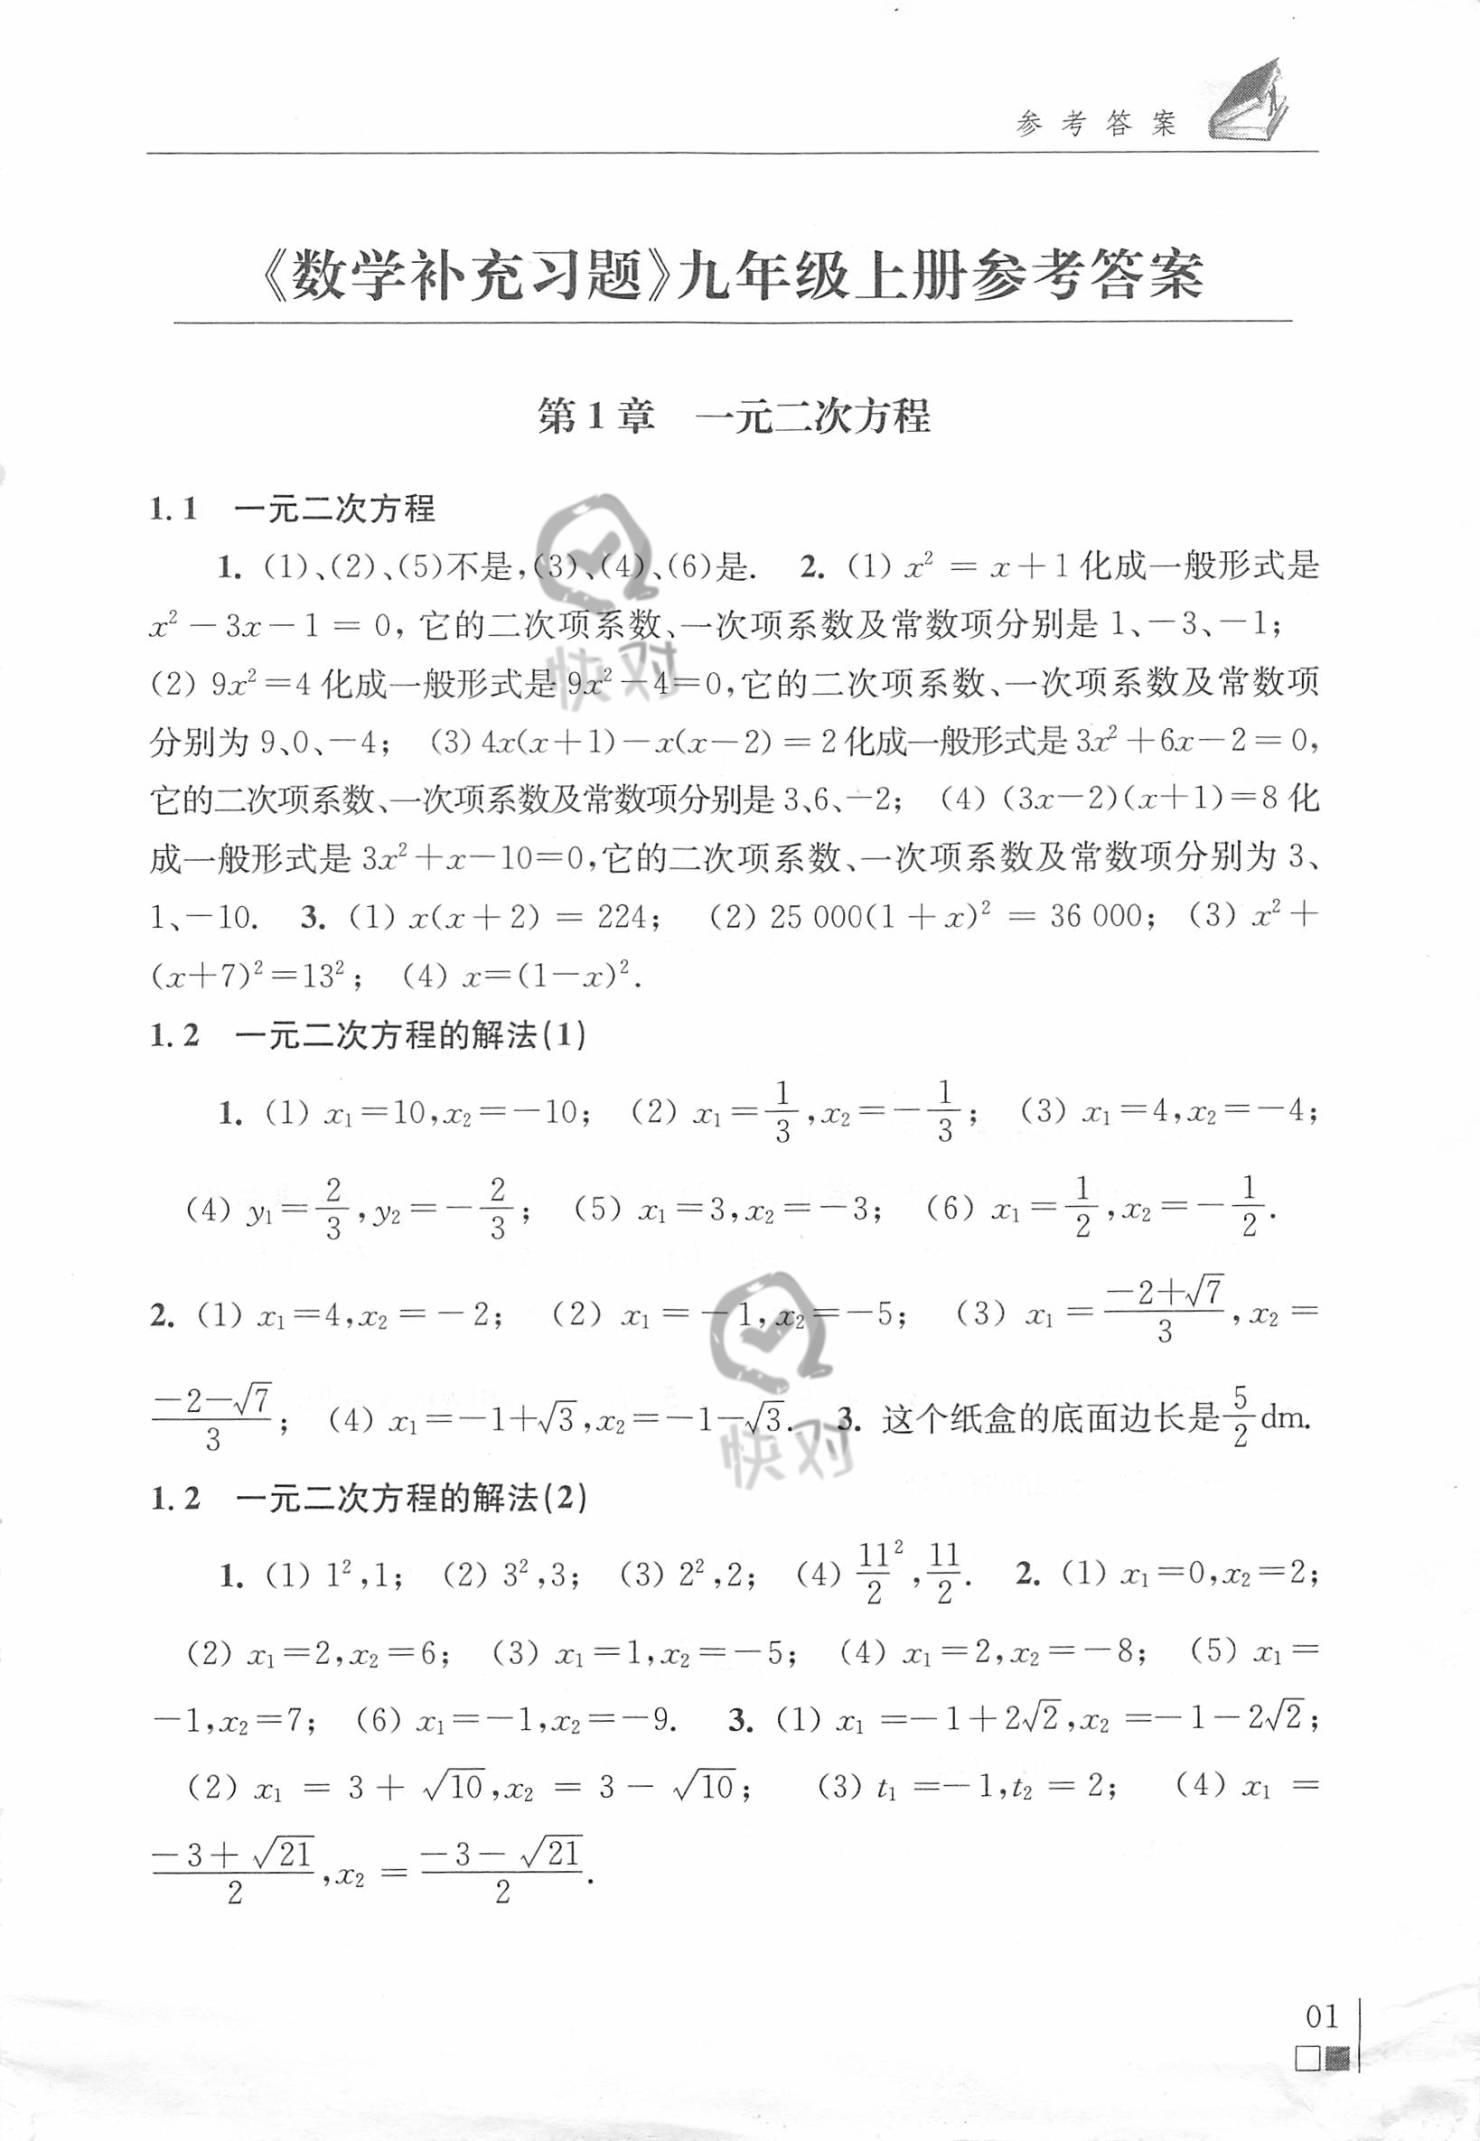 2020年数学补充习题九年级数学上册苏科版